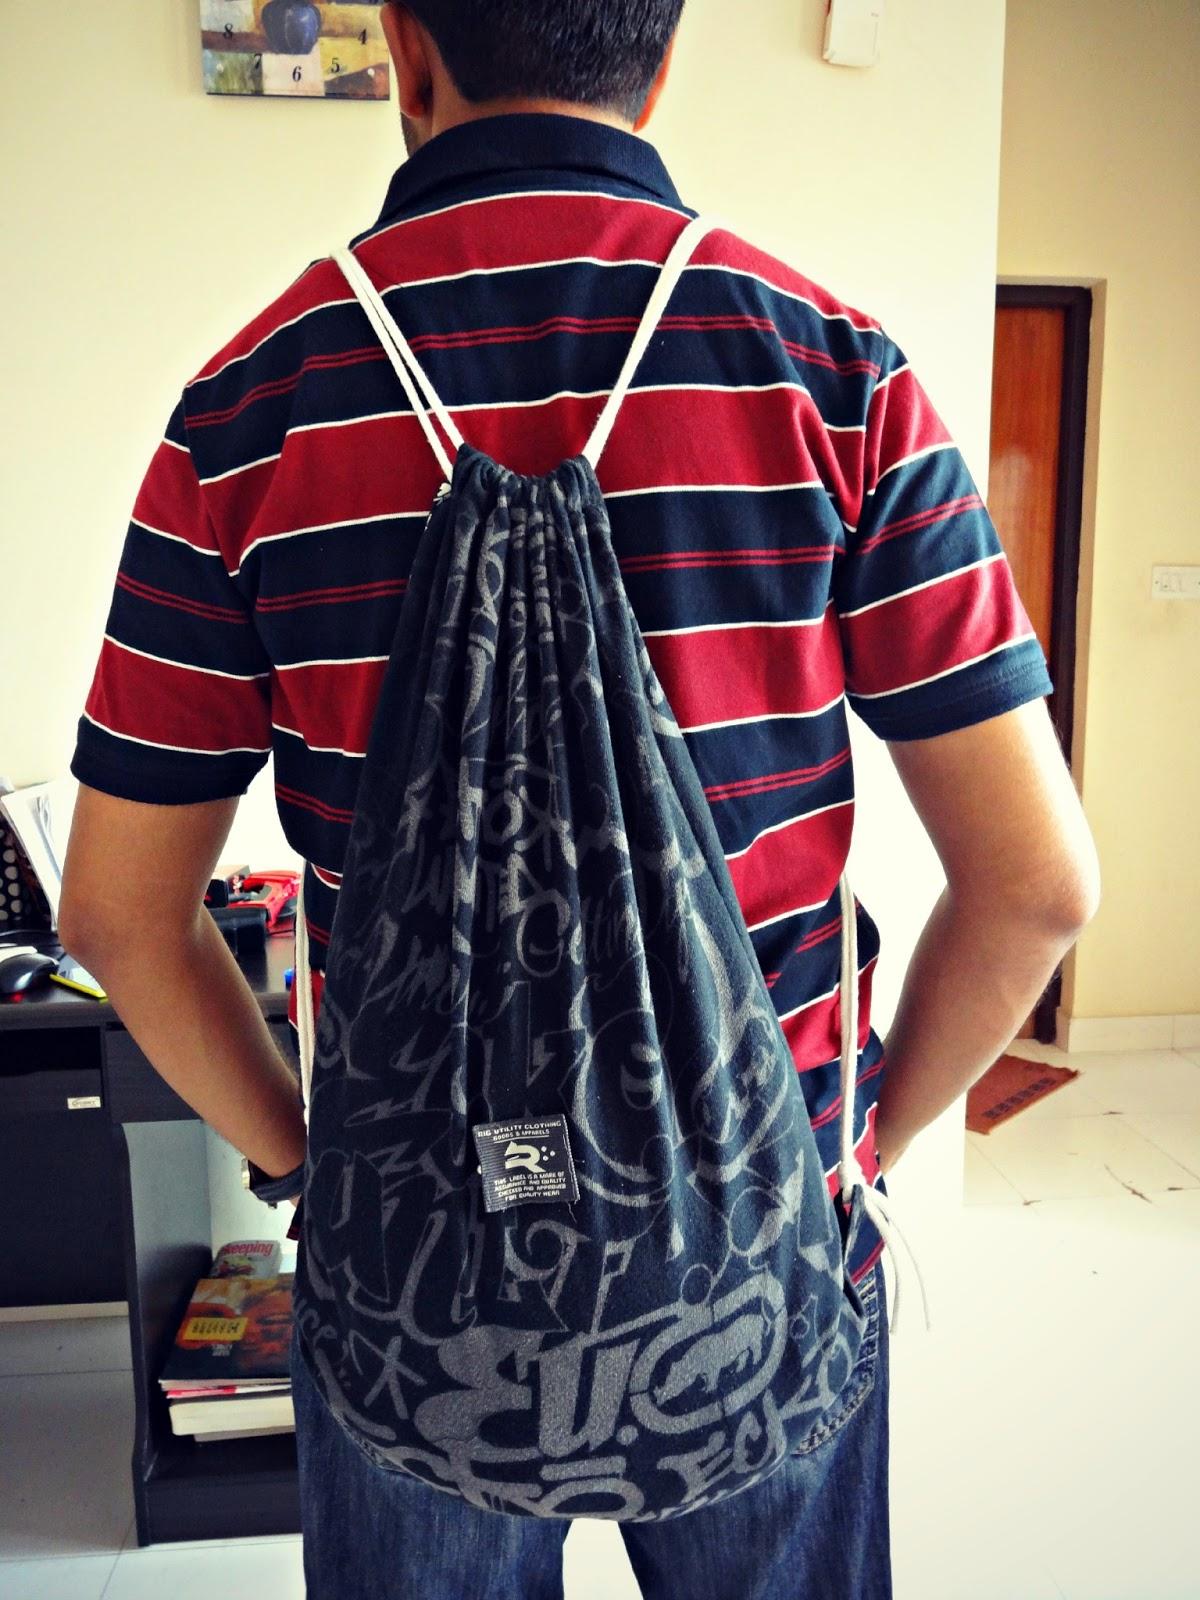 Tshirt Gym Bag